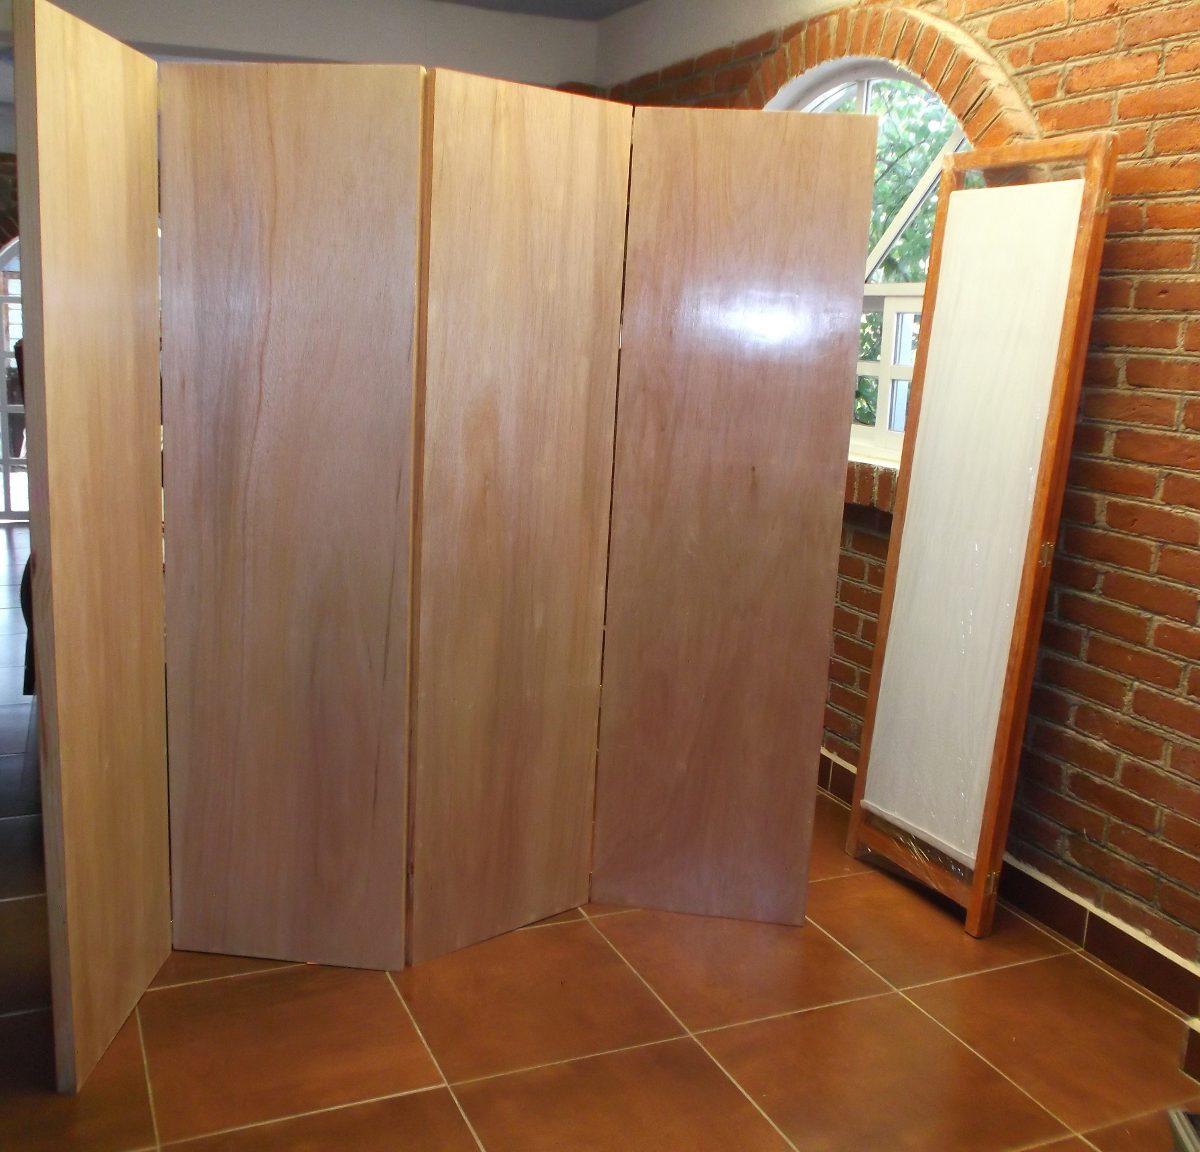 Biombo mampara madera nueva envi gratis 3 en mercado libre - Que es un biombo ...